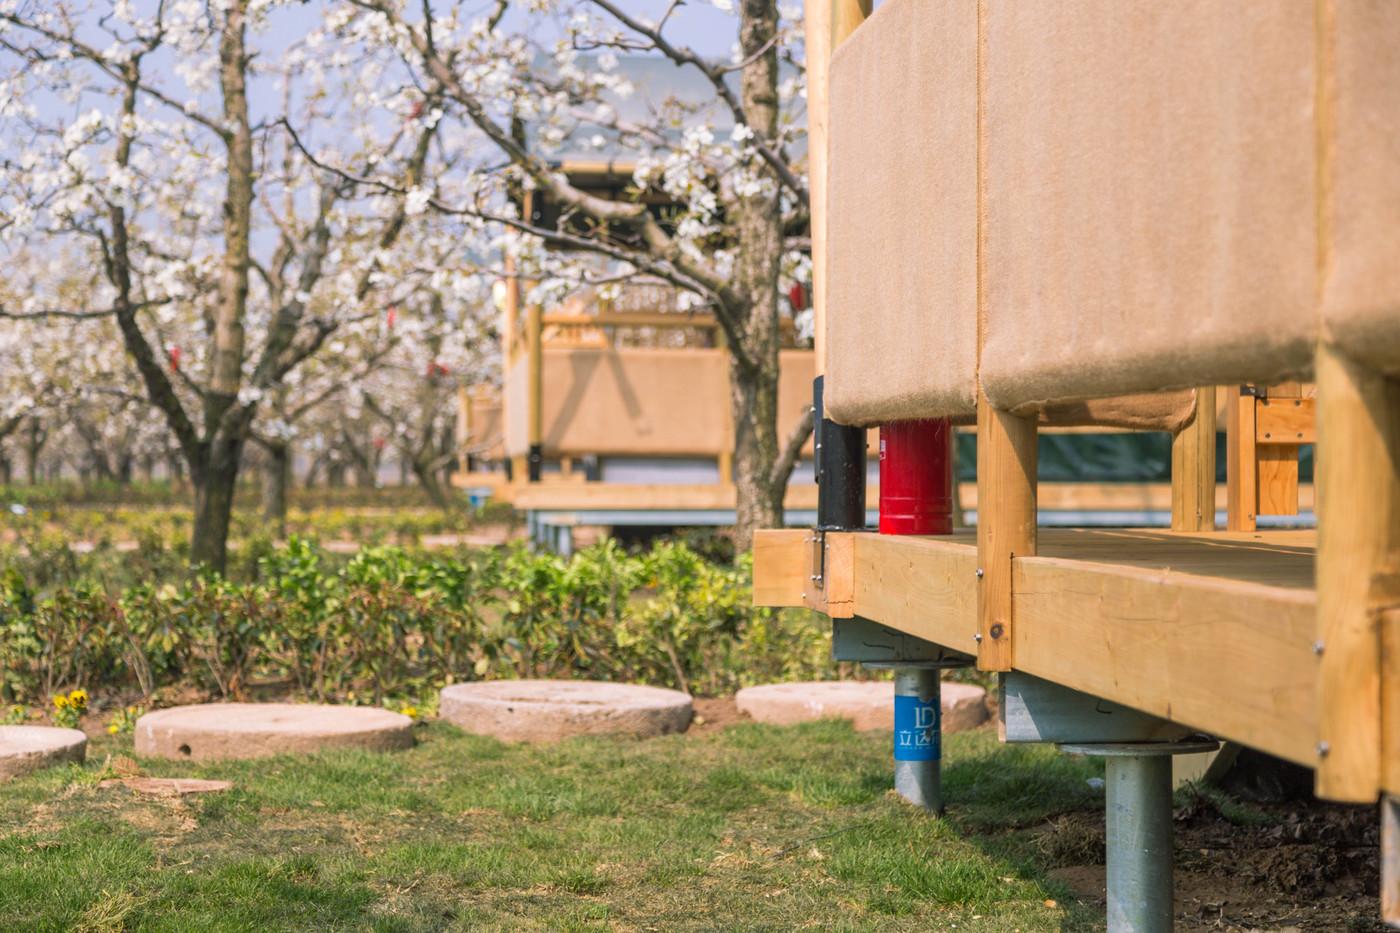 喜马拉雅野奢帐篷酒店—安徽砀山东篱蓬芦(梨园78平)18